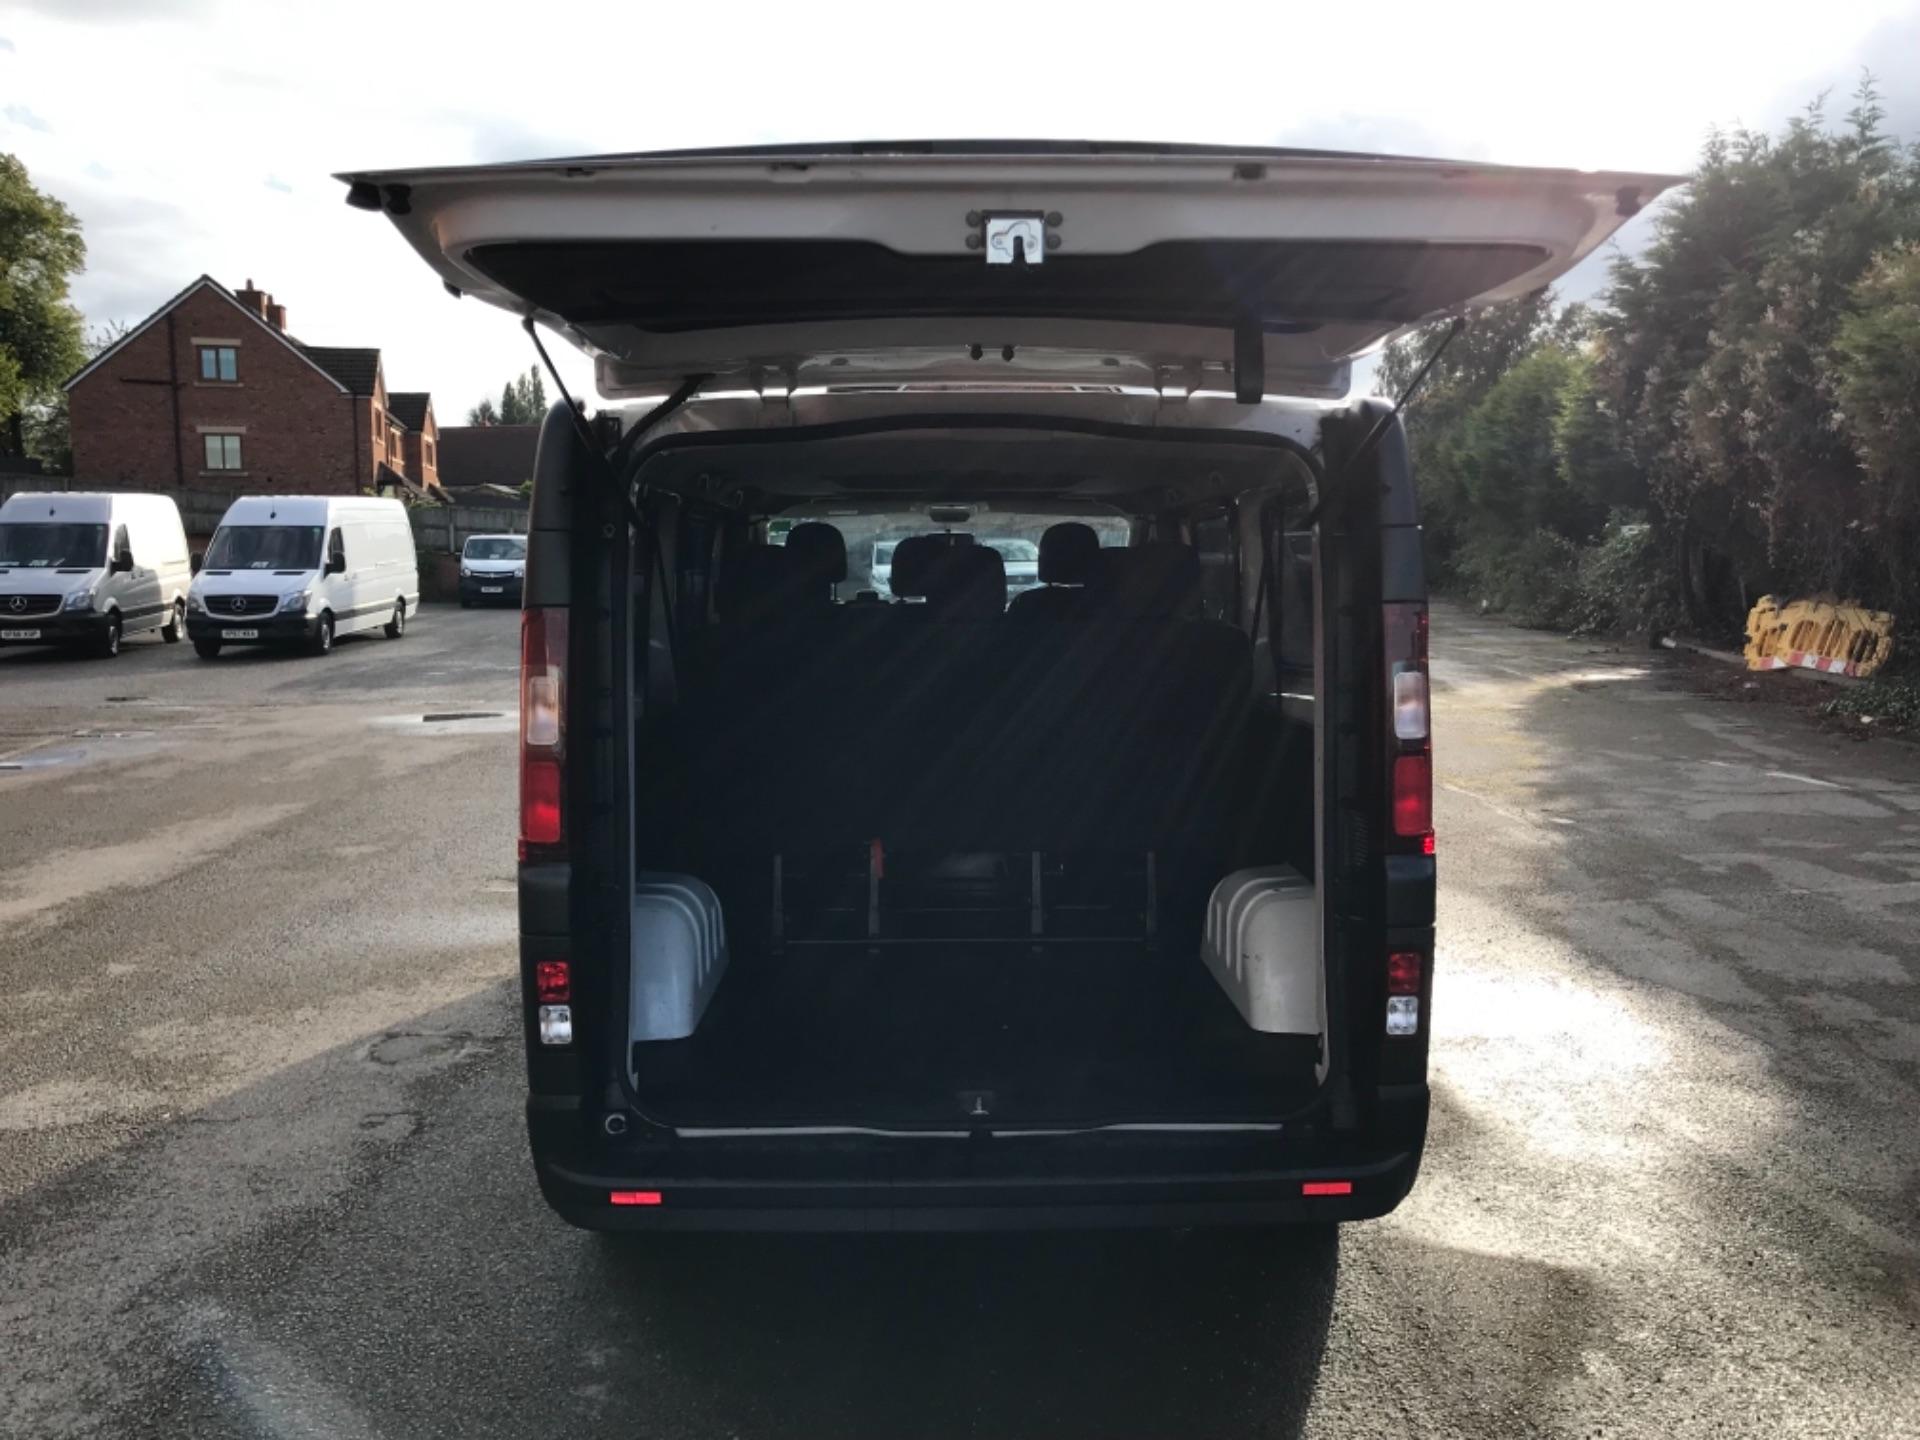 2017 Vauxhall Vivaro 2900 1.6Cdti Biturbo 125Ps H1 Combi 9 Seat EURO 6  (DY17USB) Image 29